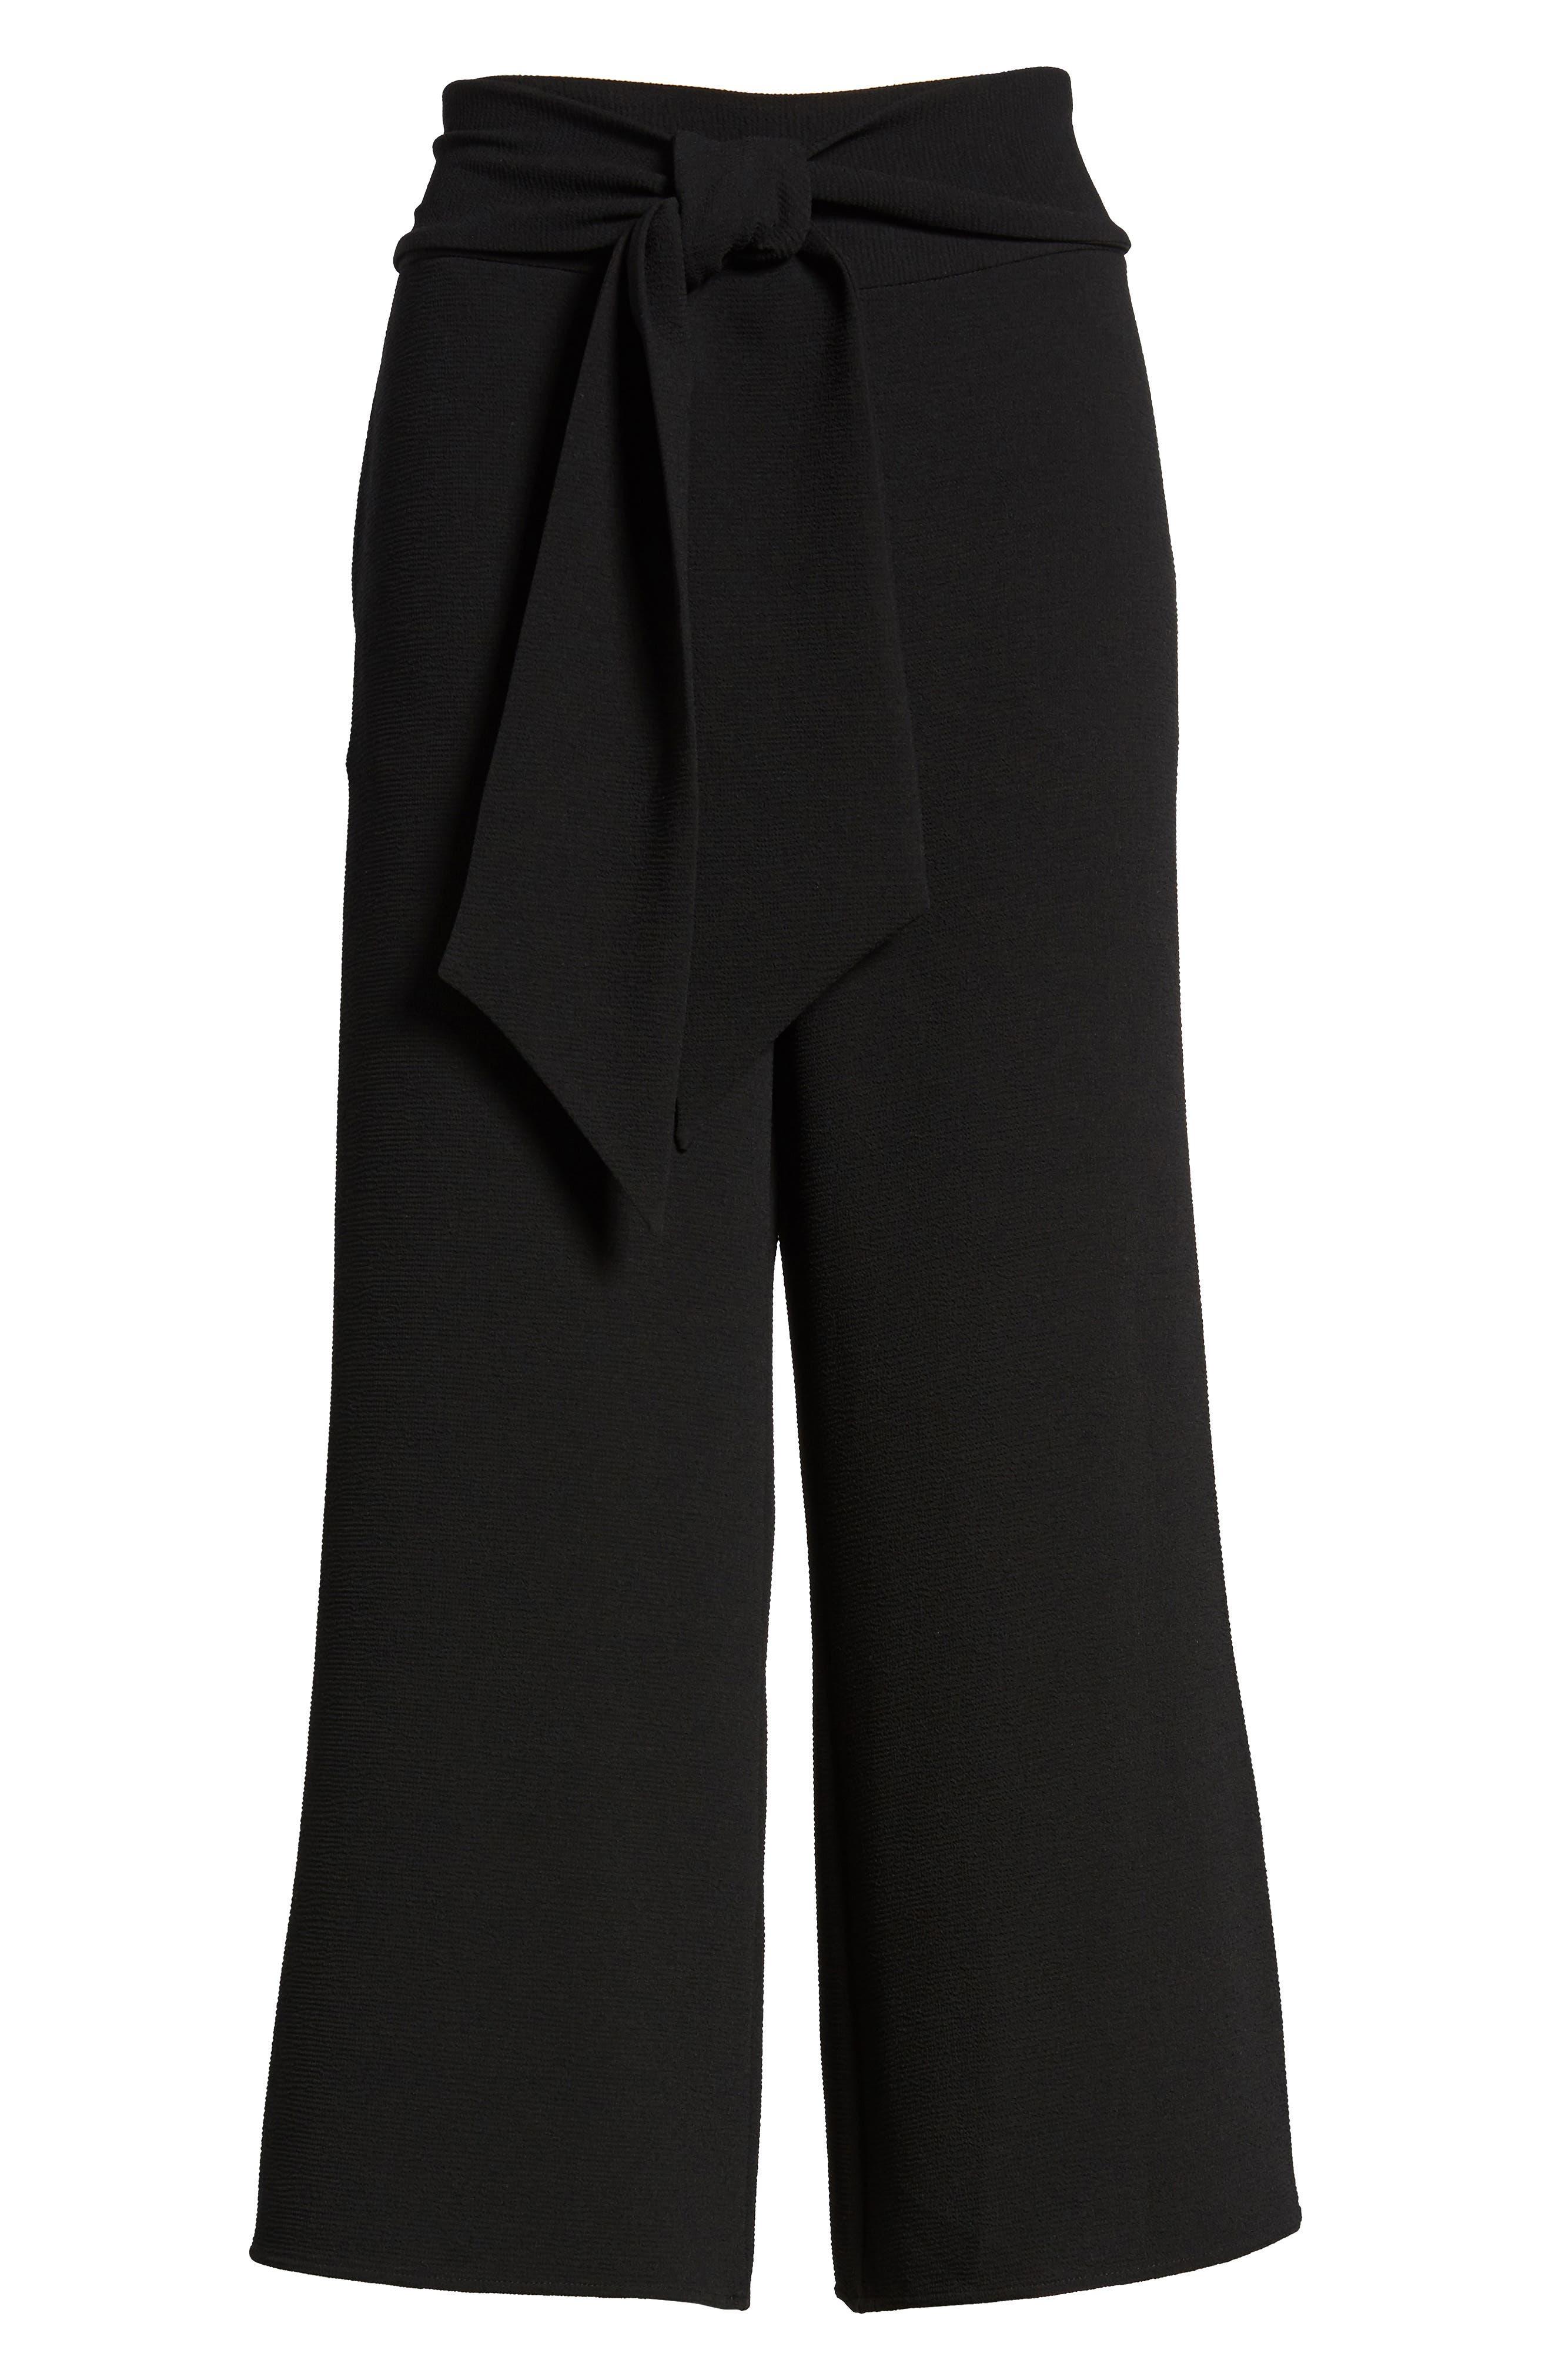 Trouvé Tie Front Wide Leg Pants,                             Alternate thumbnail 7, color,                             Black